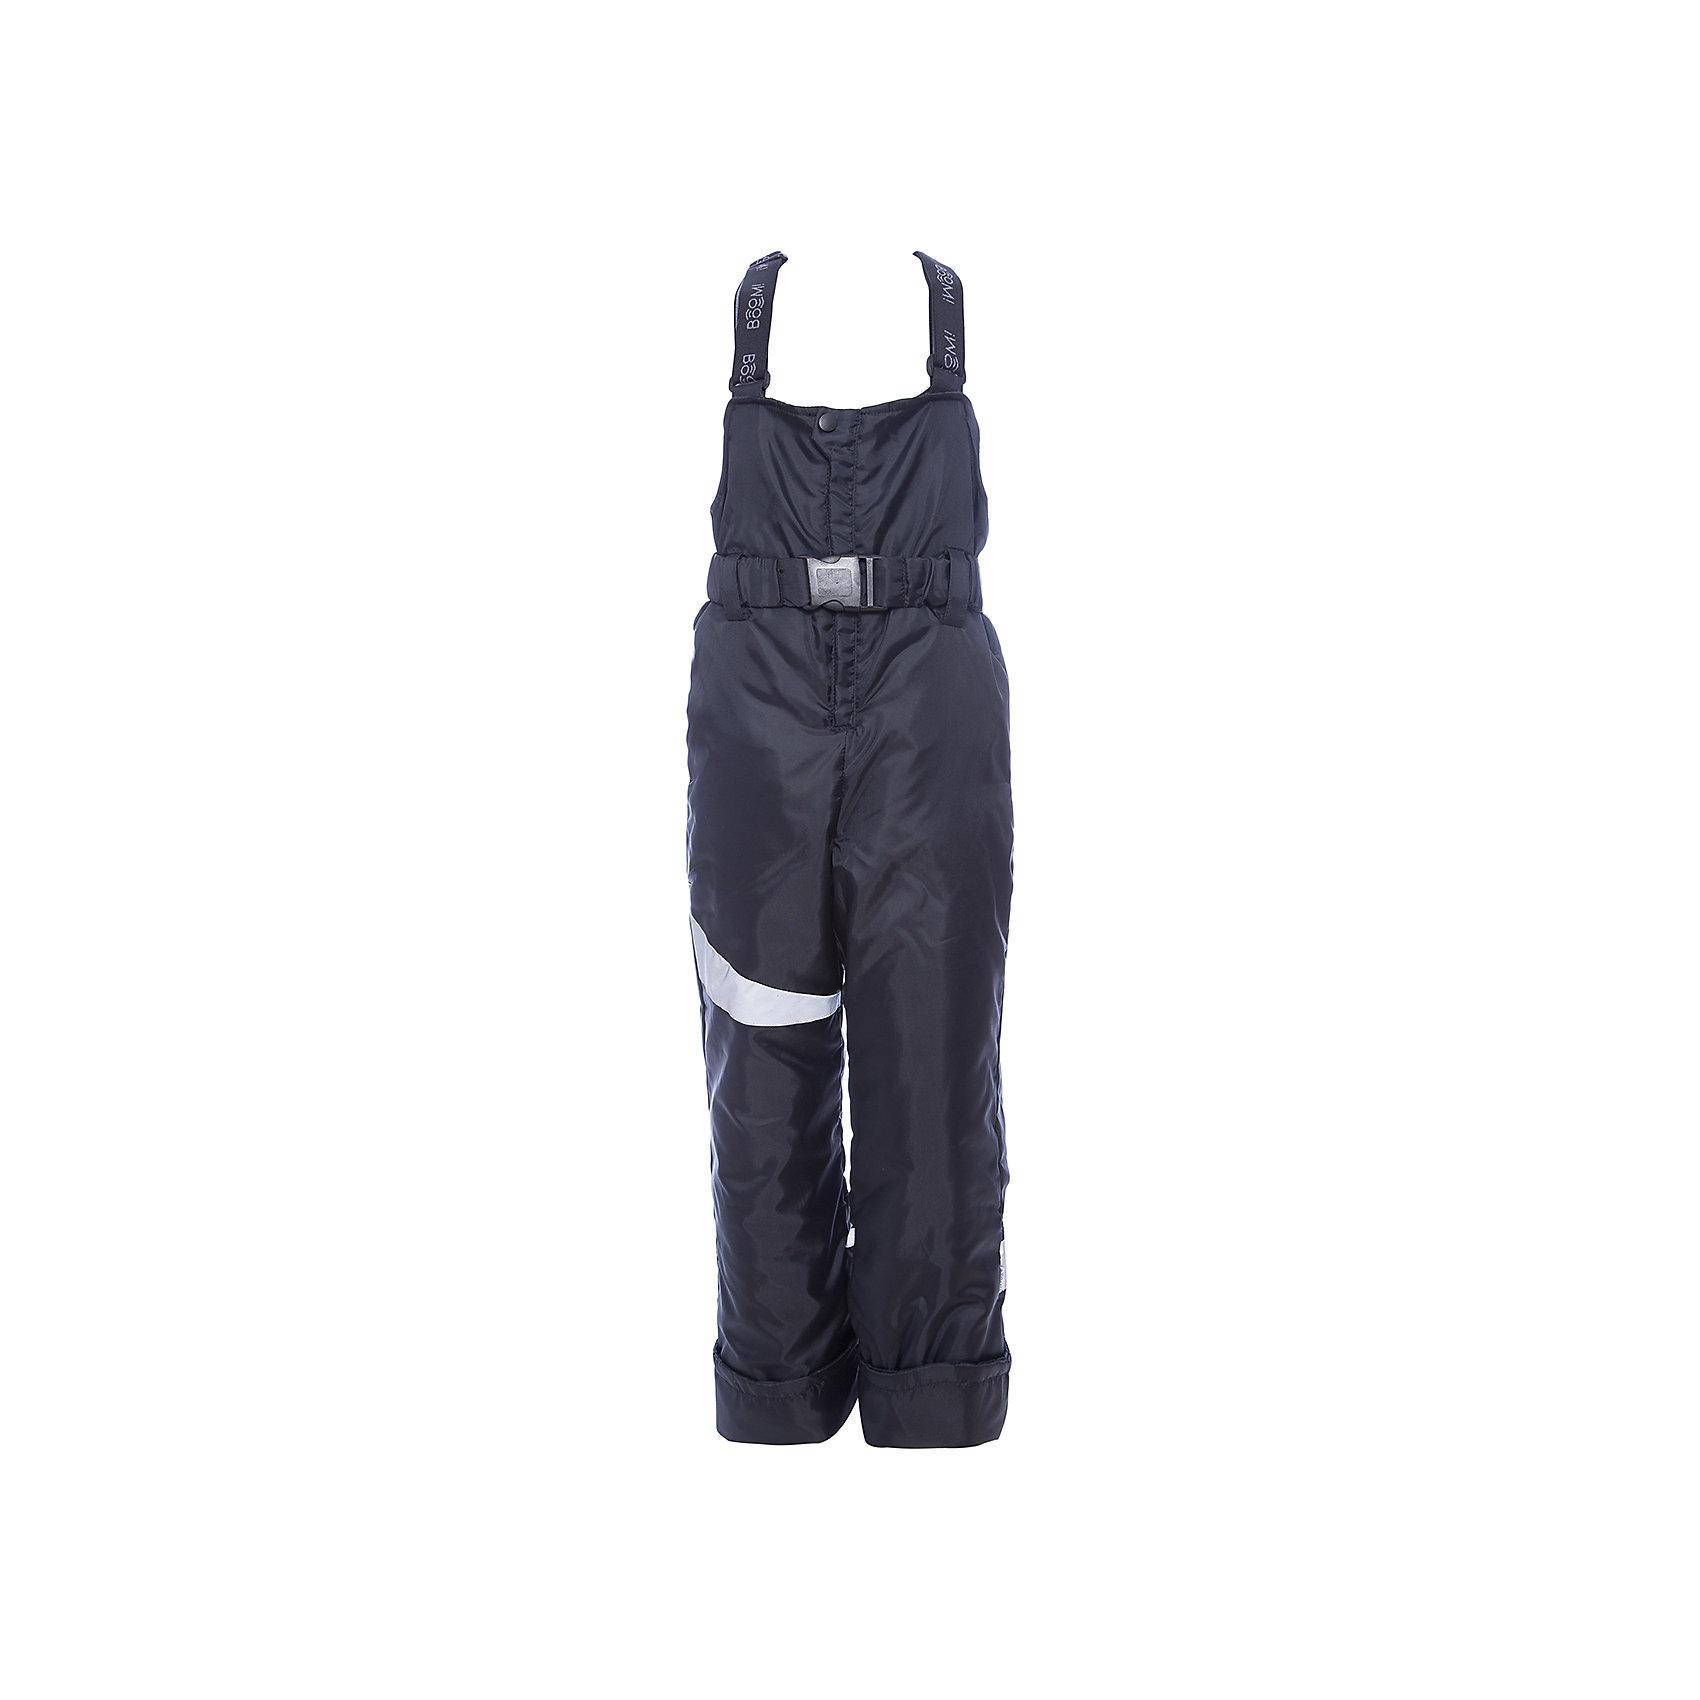 Полукомбинезон BOOM by Orby для мальчикаВерхняя одежда<br>Характеристики товара:<br><br>• цвет: черный<br>• состав ткани: оксфорд pu milky<br>• подкладка: полиэстер пуходержащий<br>• утеплитель: эко синтепон<br>• сезон: зима<br>• температурный режим: от 0 до -30С<br>• плотность утеплителя: 400 г/м2<br>• застежка: молния<br>• страна бренда: Россия<br>• страна изготовитель: Россия<br><br>Теплый полукомбинезон для мальчика поможет защитить ребенка от холода. Детский зимний полукомбинезон дополнен удобными лямками. Практичный детский полукомбинезон отлично подойдет для зимних холодов - в этом полукомбинезоне для ребенка хороший утеплитель. <br><br>Полукомбинезон для мальчика BOOM by Orby (Бум бай Орби) можно купить в нашем интернет-магазине.<br><br>Ширина мм: 215<br>Глубина мм: 88<br>Высота мм: 191<br>Вес г: 336<br>Цвет: черный<br>Возраст от месяцев: 12<br>Возраст до месяцев: 15<br>Пол: Мужской<br>Возраст: Детский<br>Размер: 80,158,86,92,98,104,110,116,122,128,134,140,146,152<br>SKU: 7090909